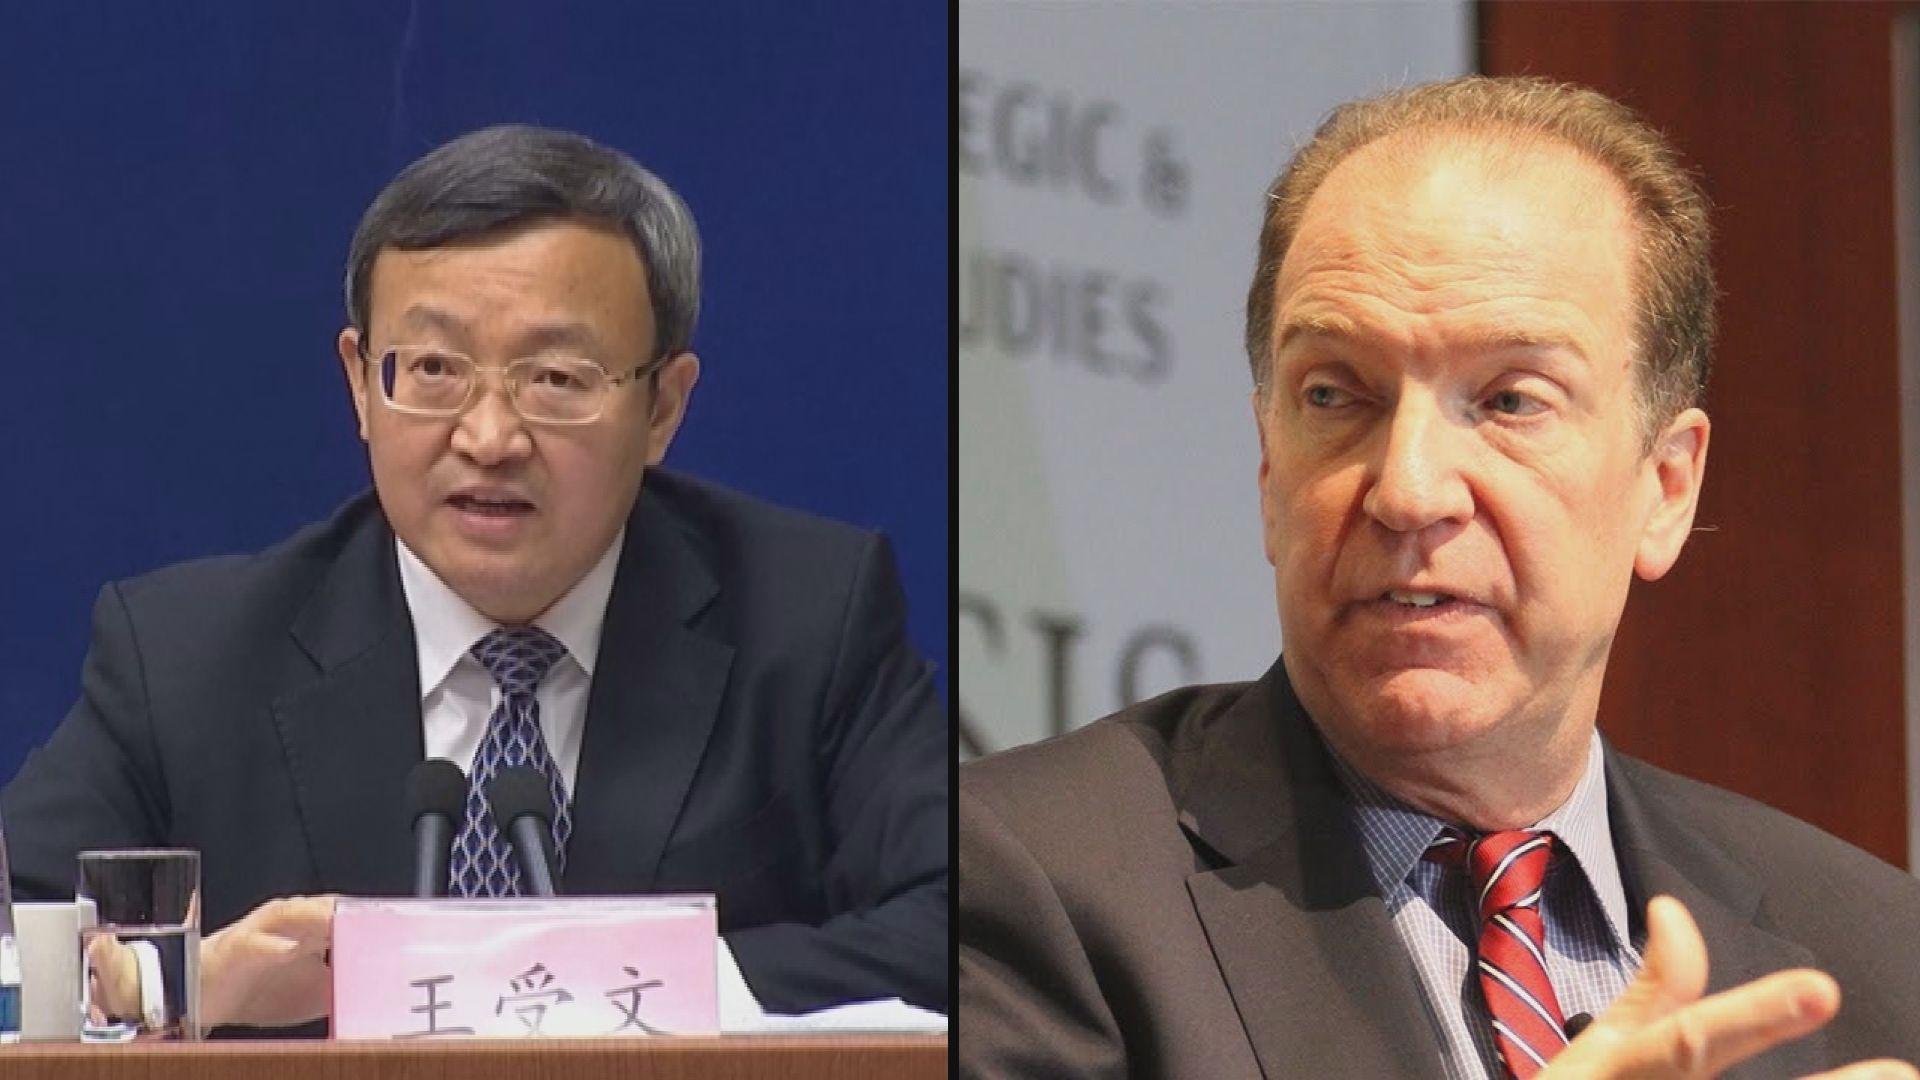 【中美貿戰】商務部副部長月底率團訪美